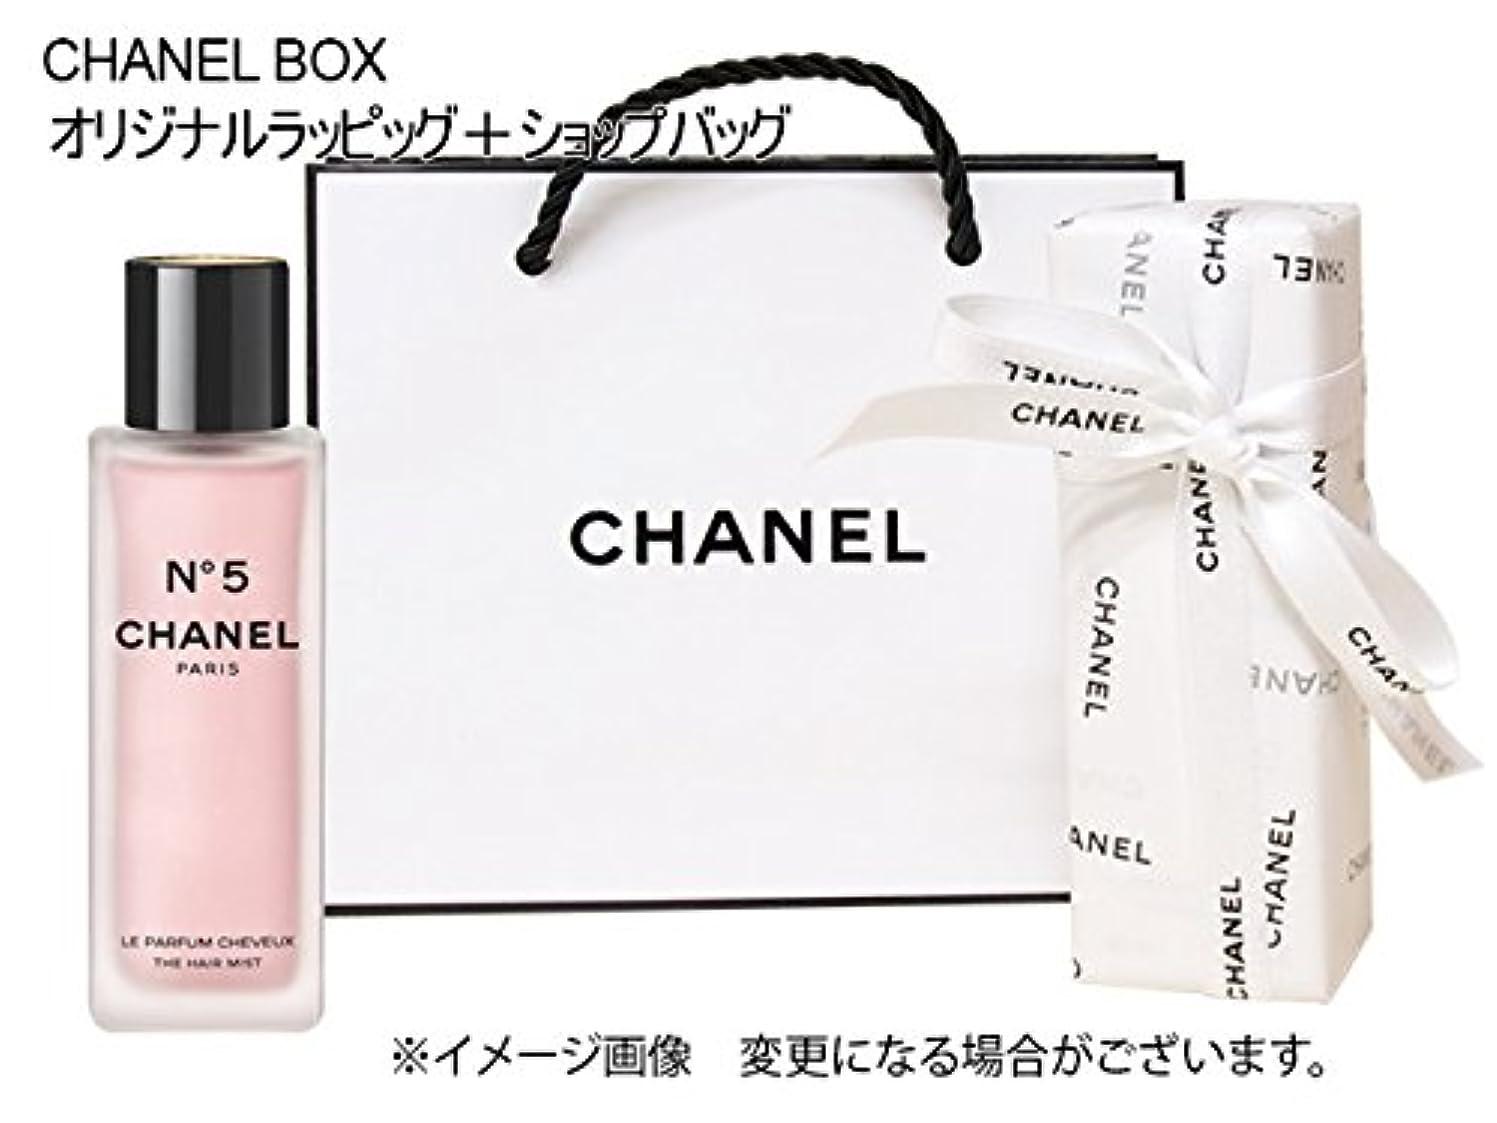 しょっぱいキークラシックCHANEL(シャネル) NO.5 LE PARFUM CHEVEUX THE HAIR MIST シャネル N°5 ヘアミスト40ml CHANEL BOX オリジナルラッピング+ショップバッグ(並行輸入)